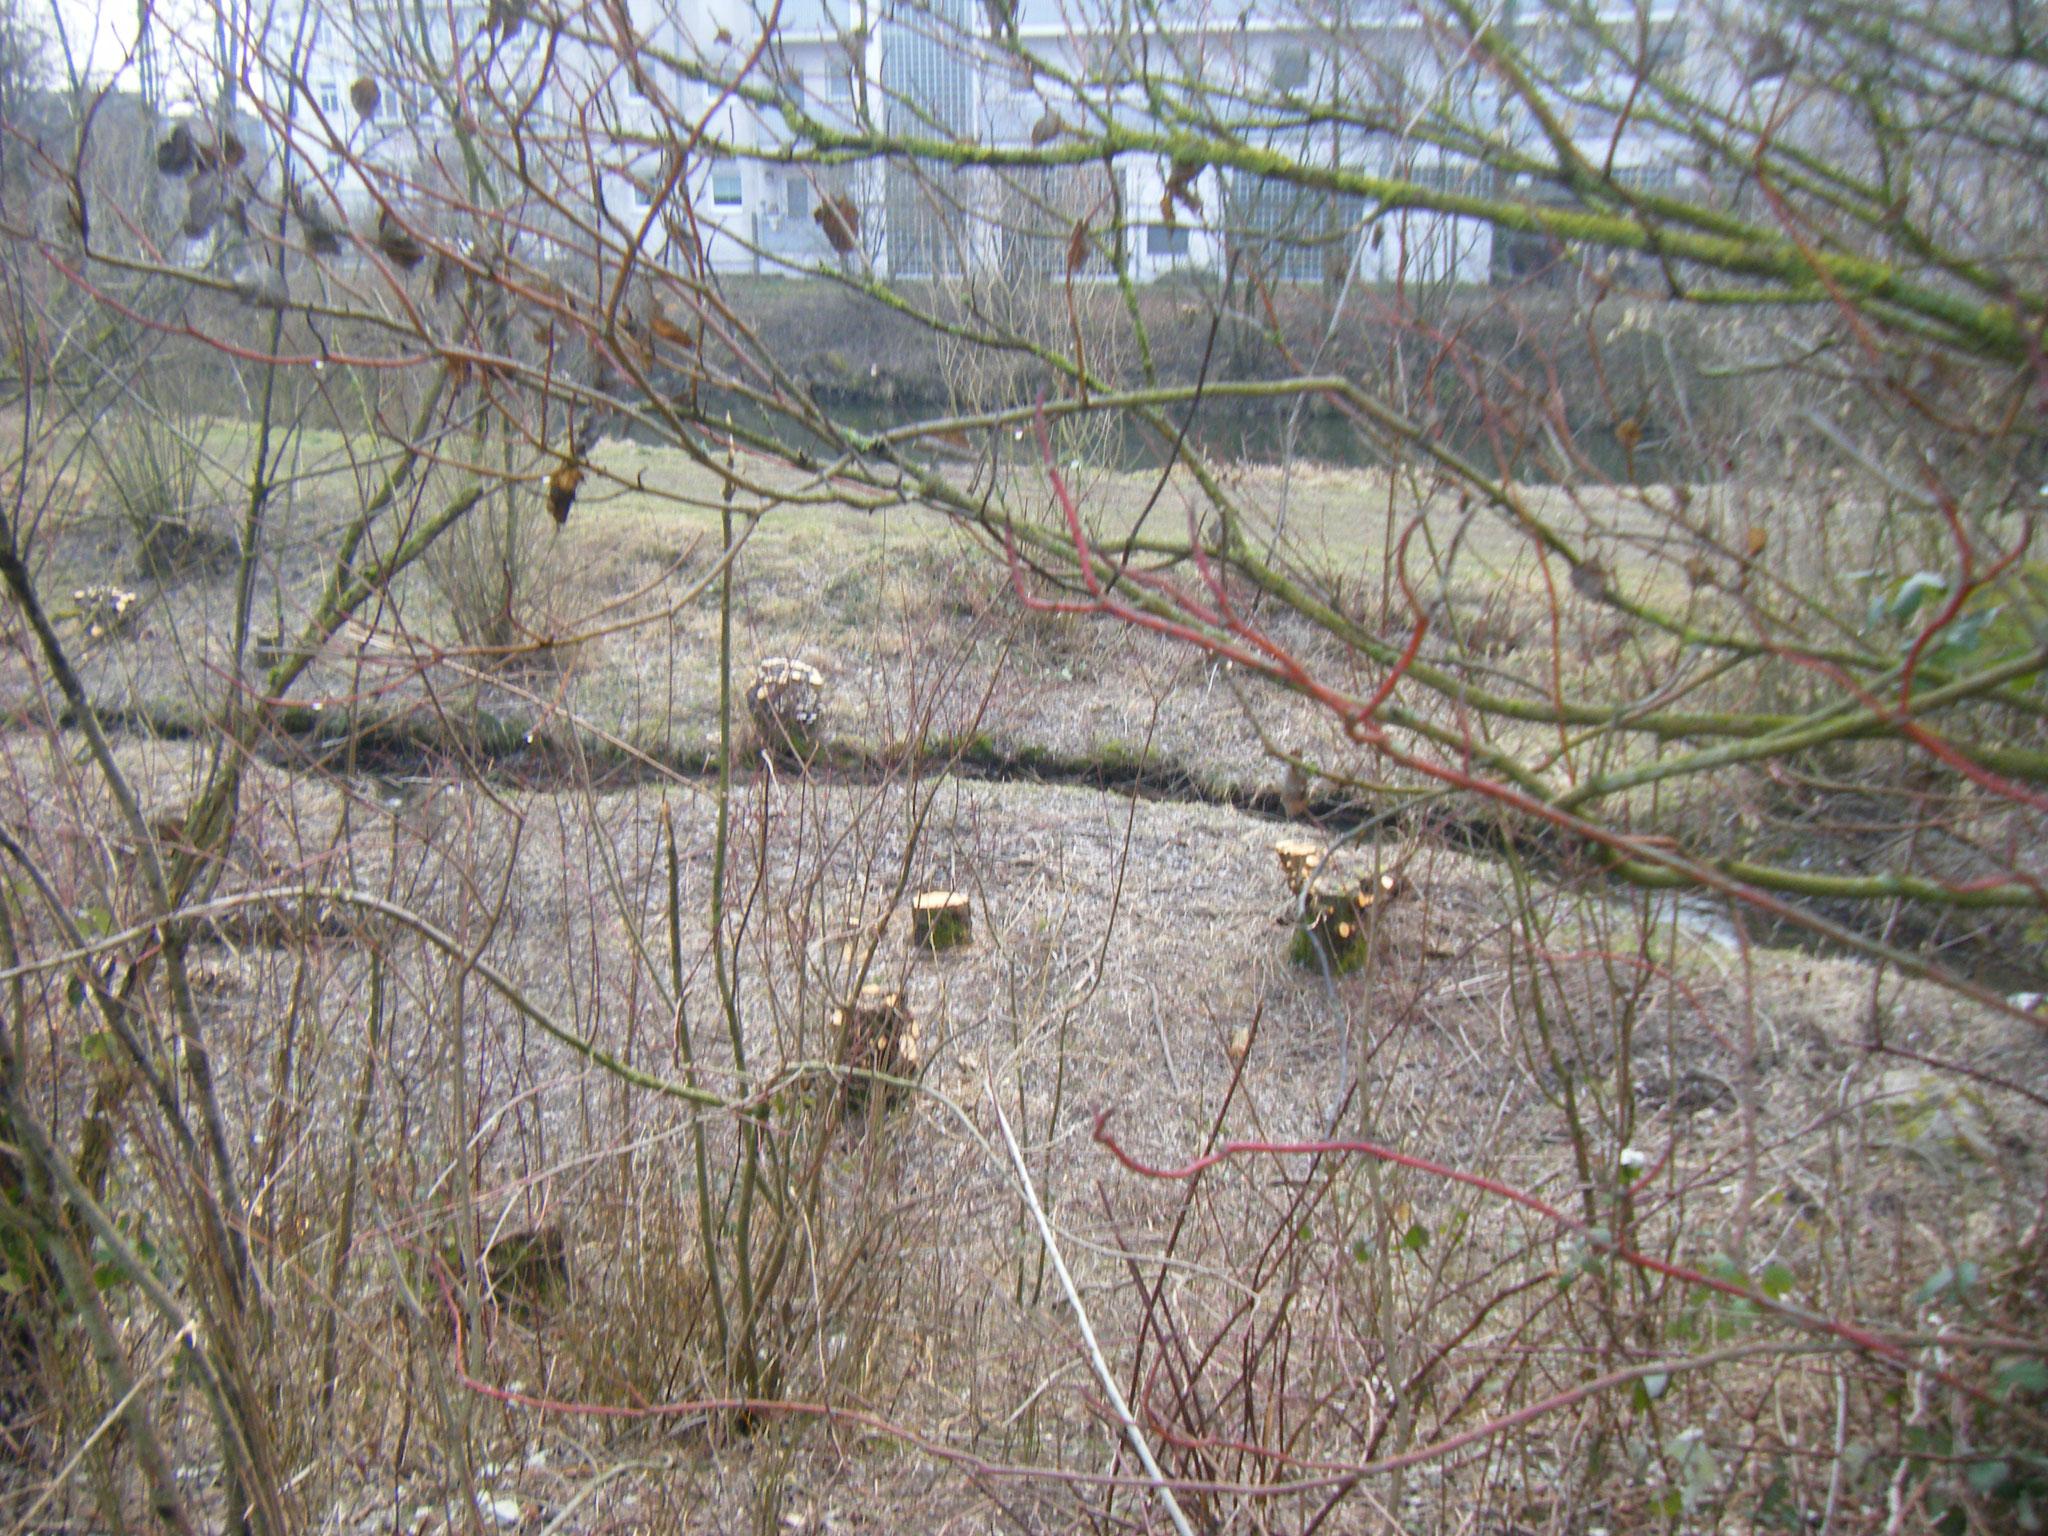 im Umfeld mindestens 30 Büsche und Baume gefällt